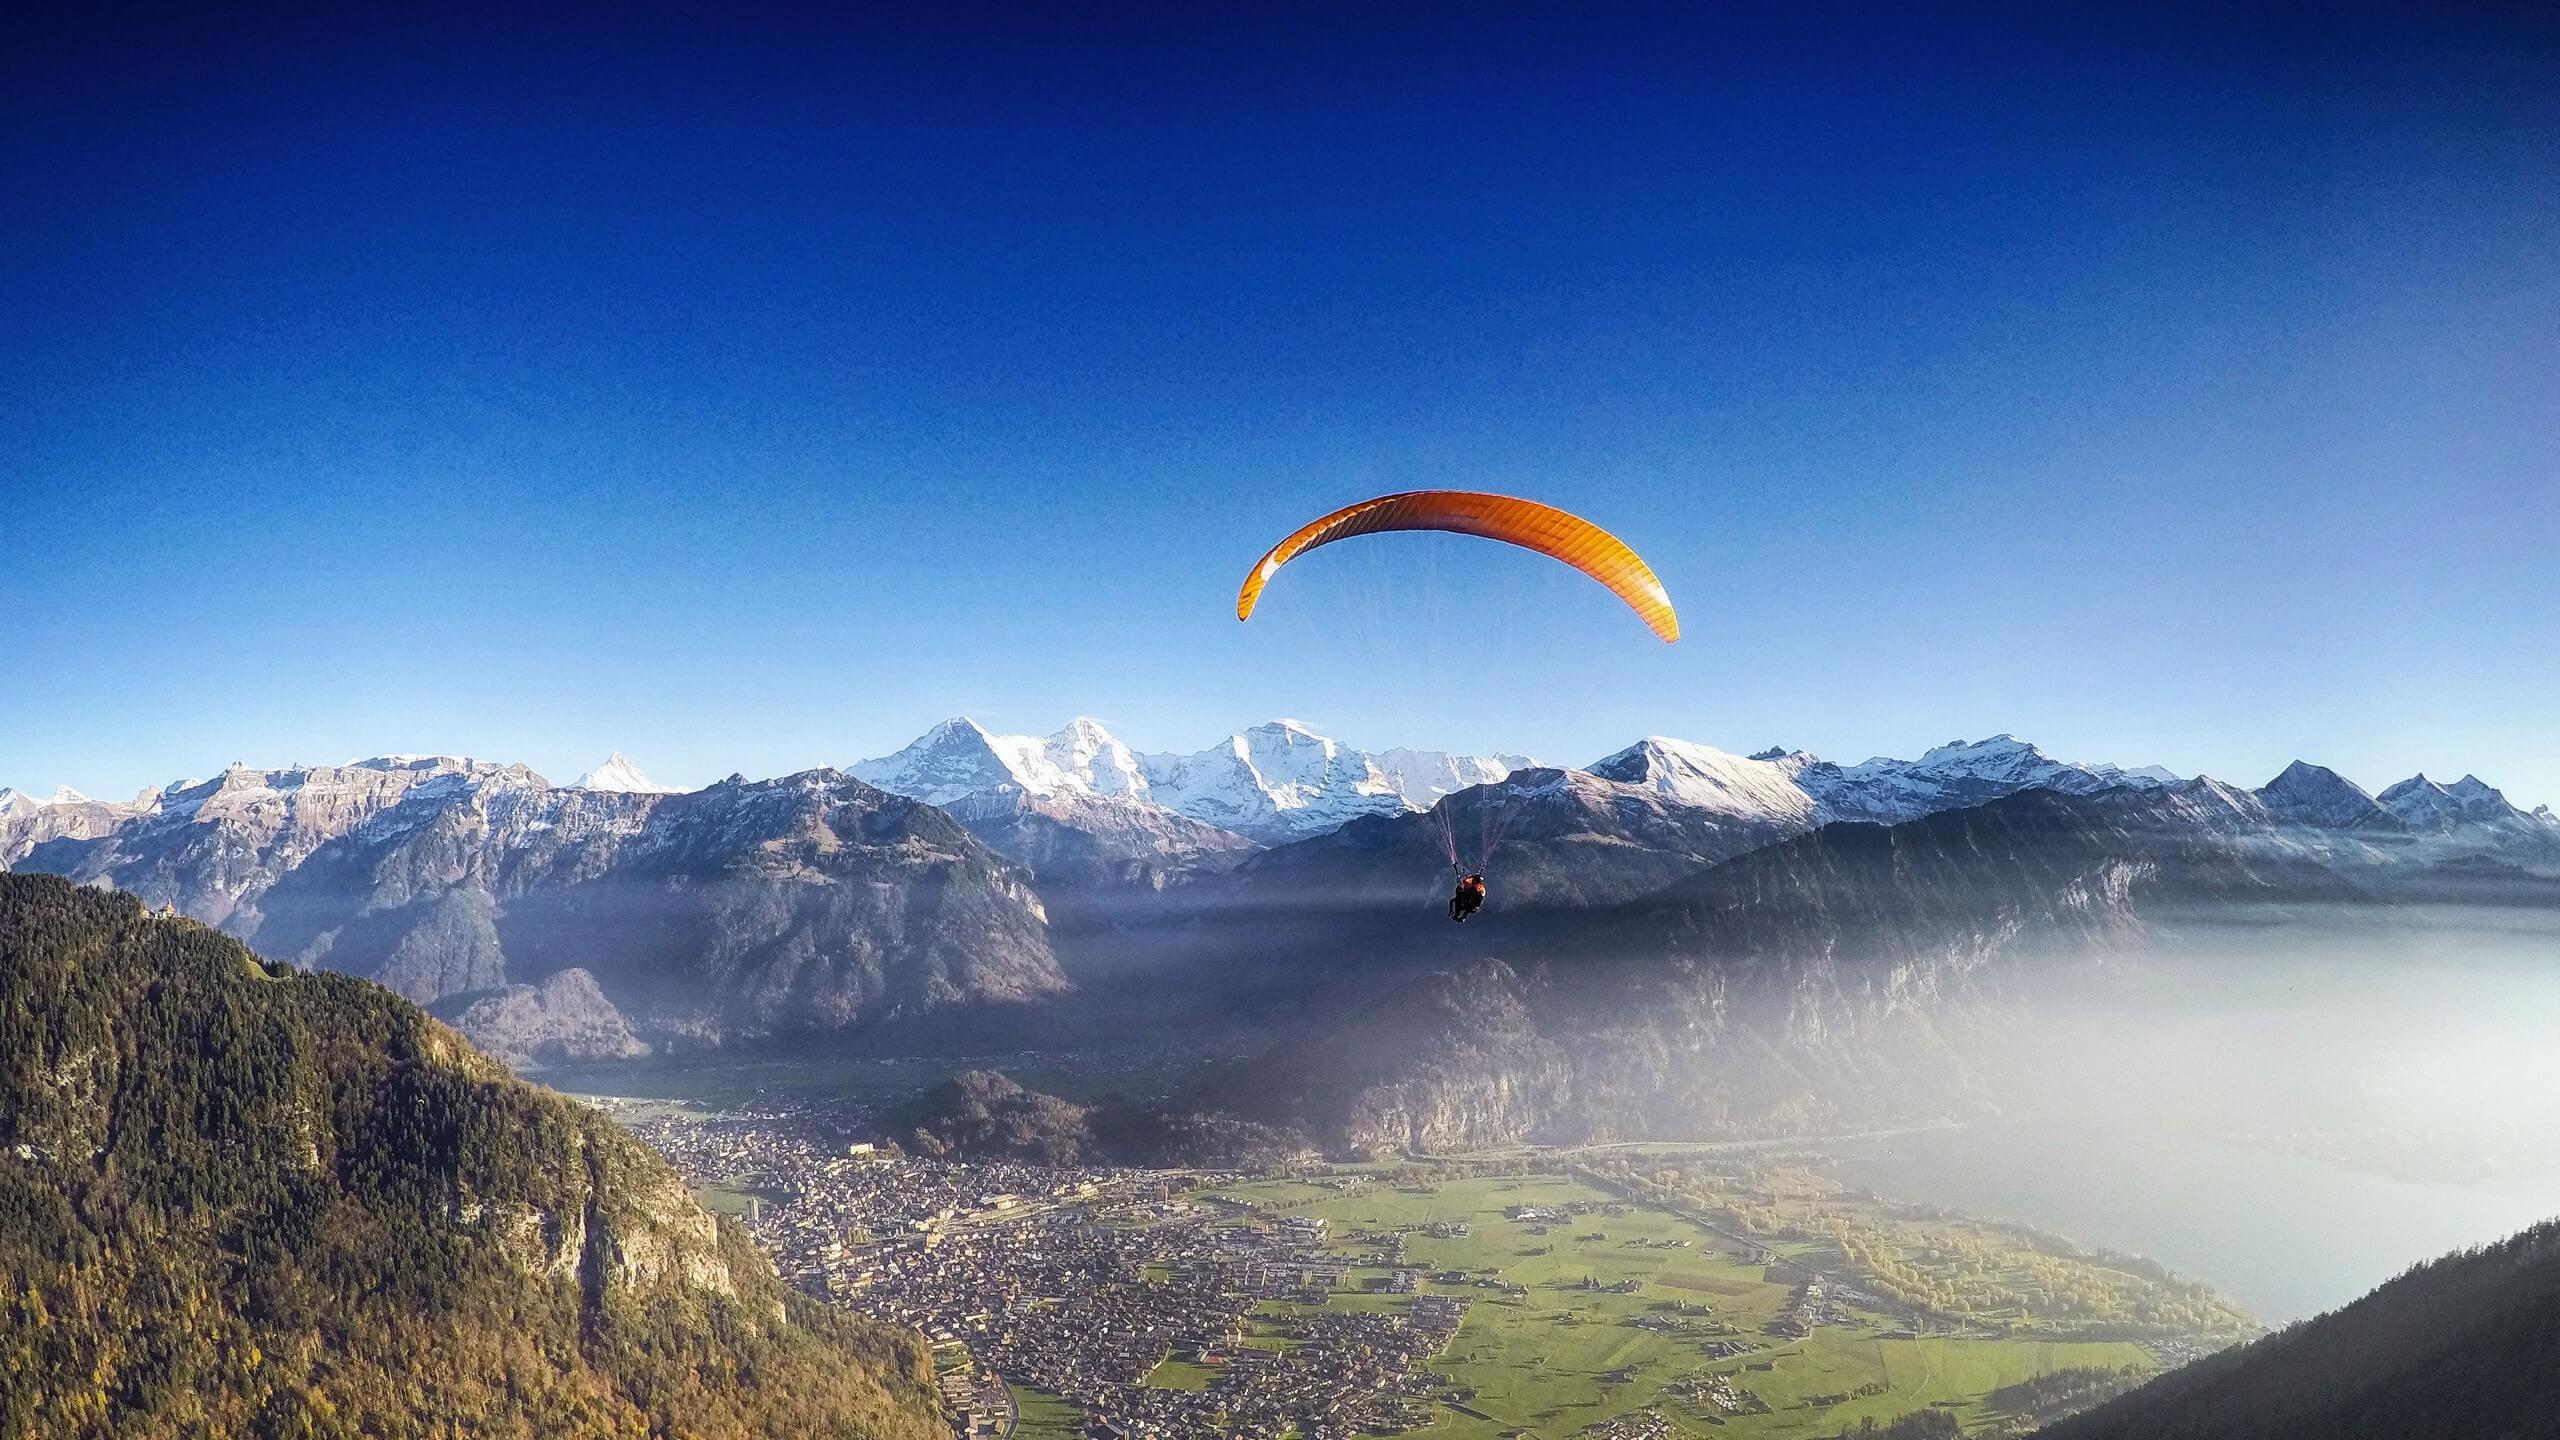 interlaken-paragliding-alpinair-herbst-interlaken-panorama